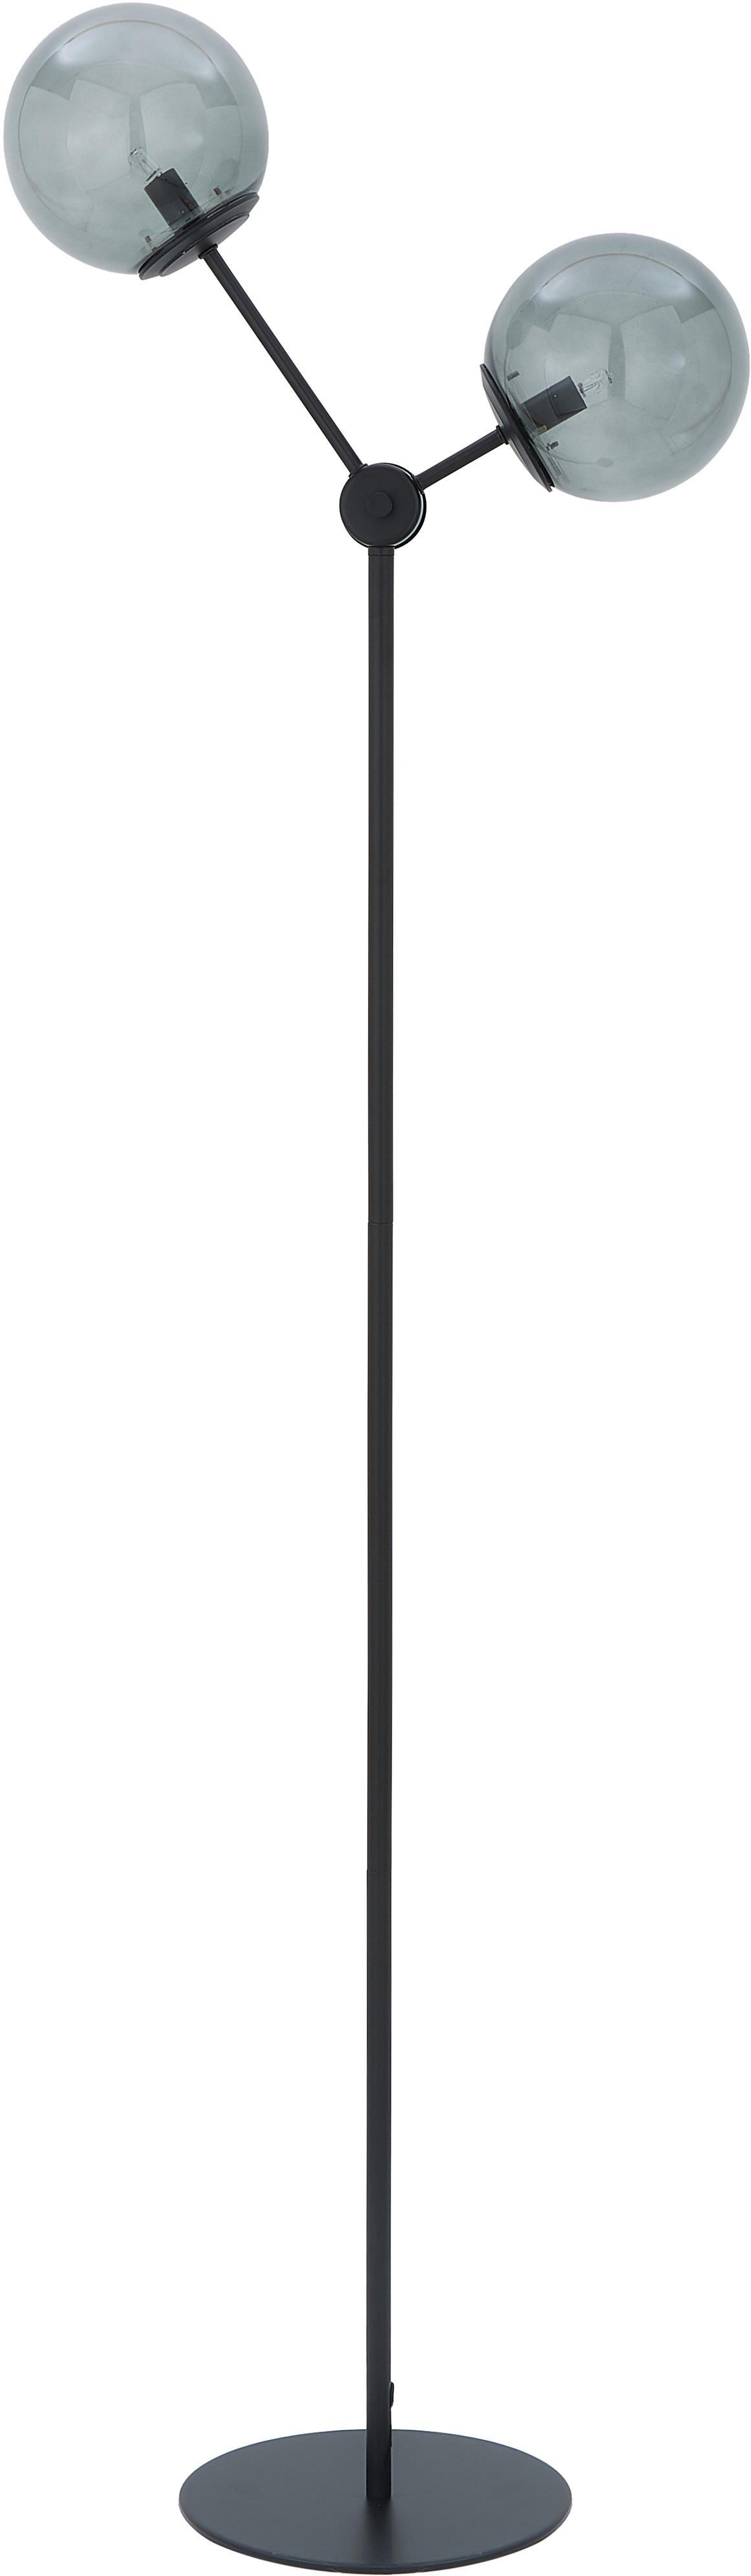 Industrial-Stehlampe Aurelia in Schwarz, Schwarz, Grau, Ø 25 x H 155 cm